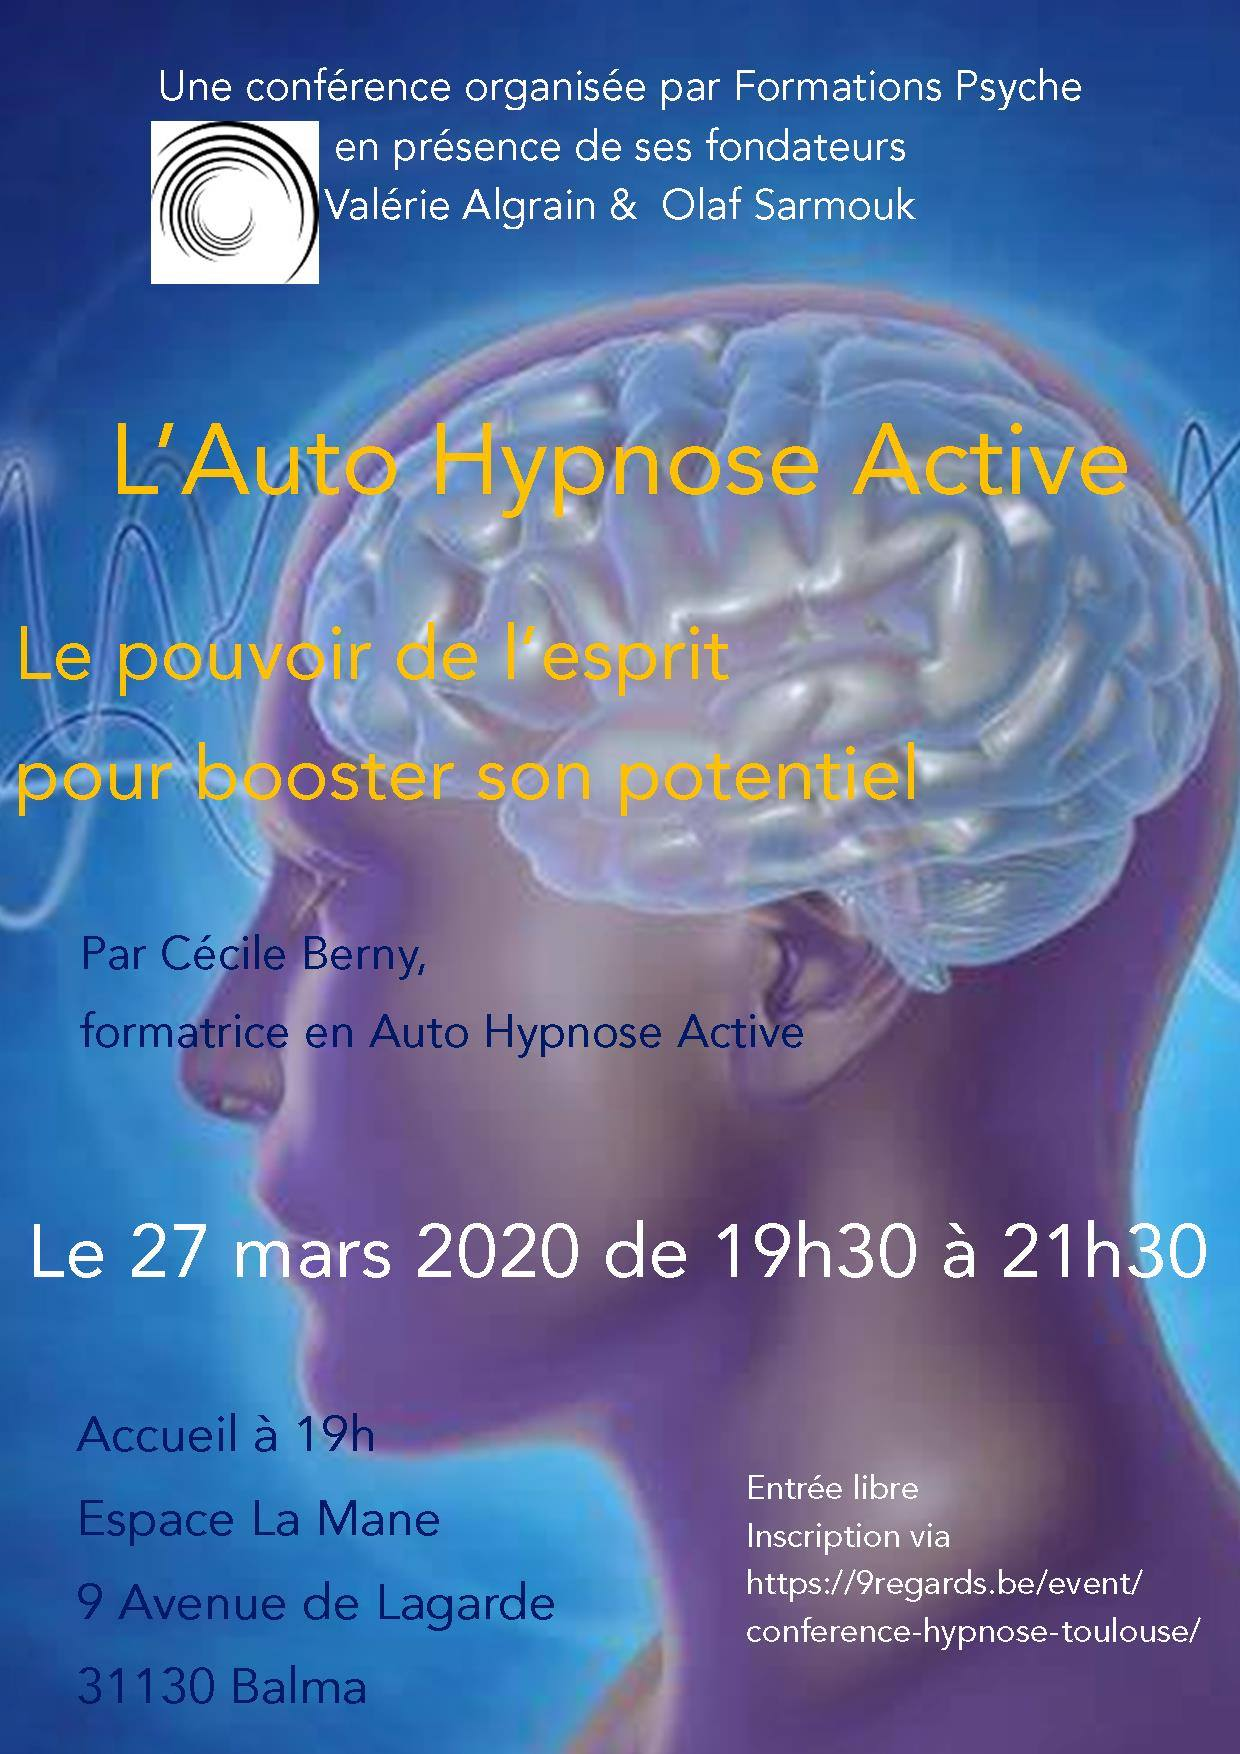 Conférence L Auto Hypnose Active pour booster son potentiel